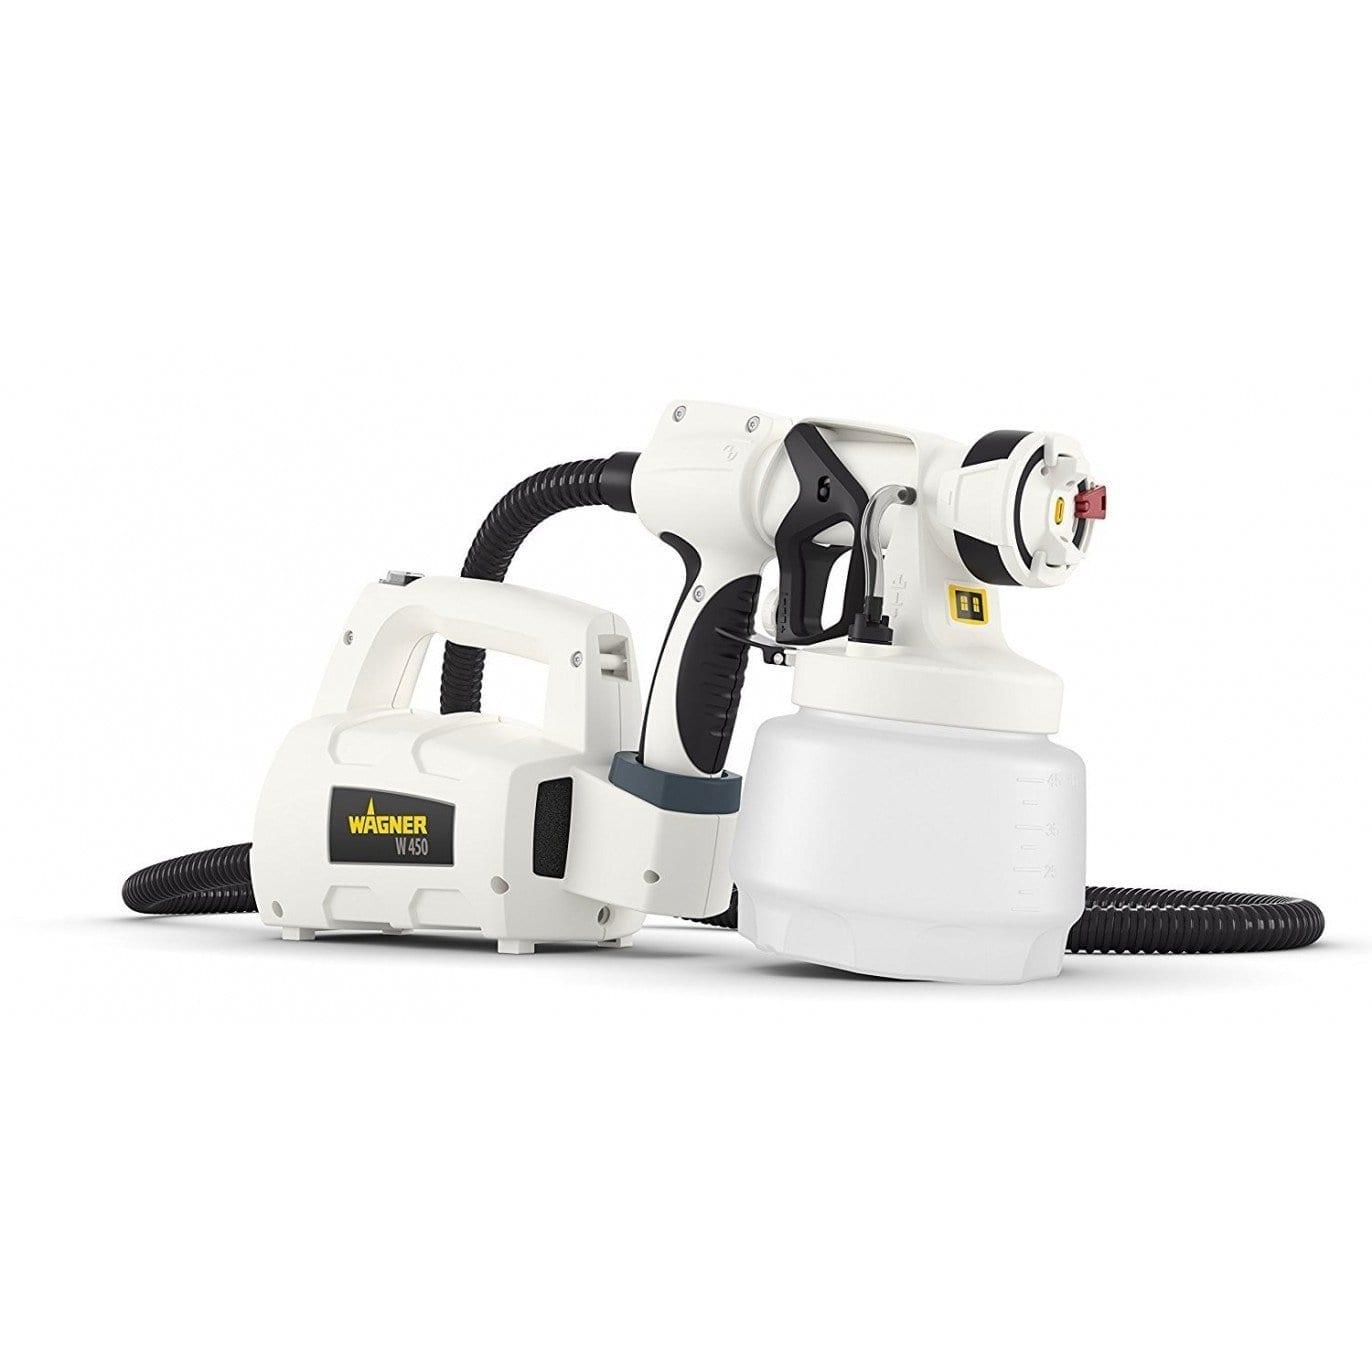 Turbina de aire caliente WAGNER W450 y spray + regalo frontal Brilliant 600 ml. 1 | Potspintura.com